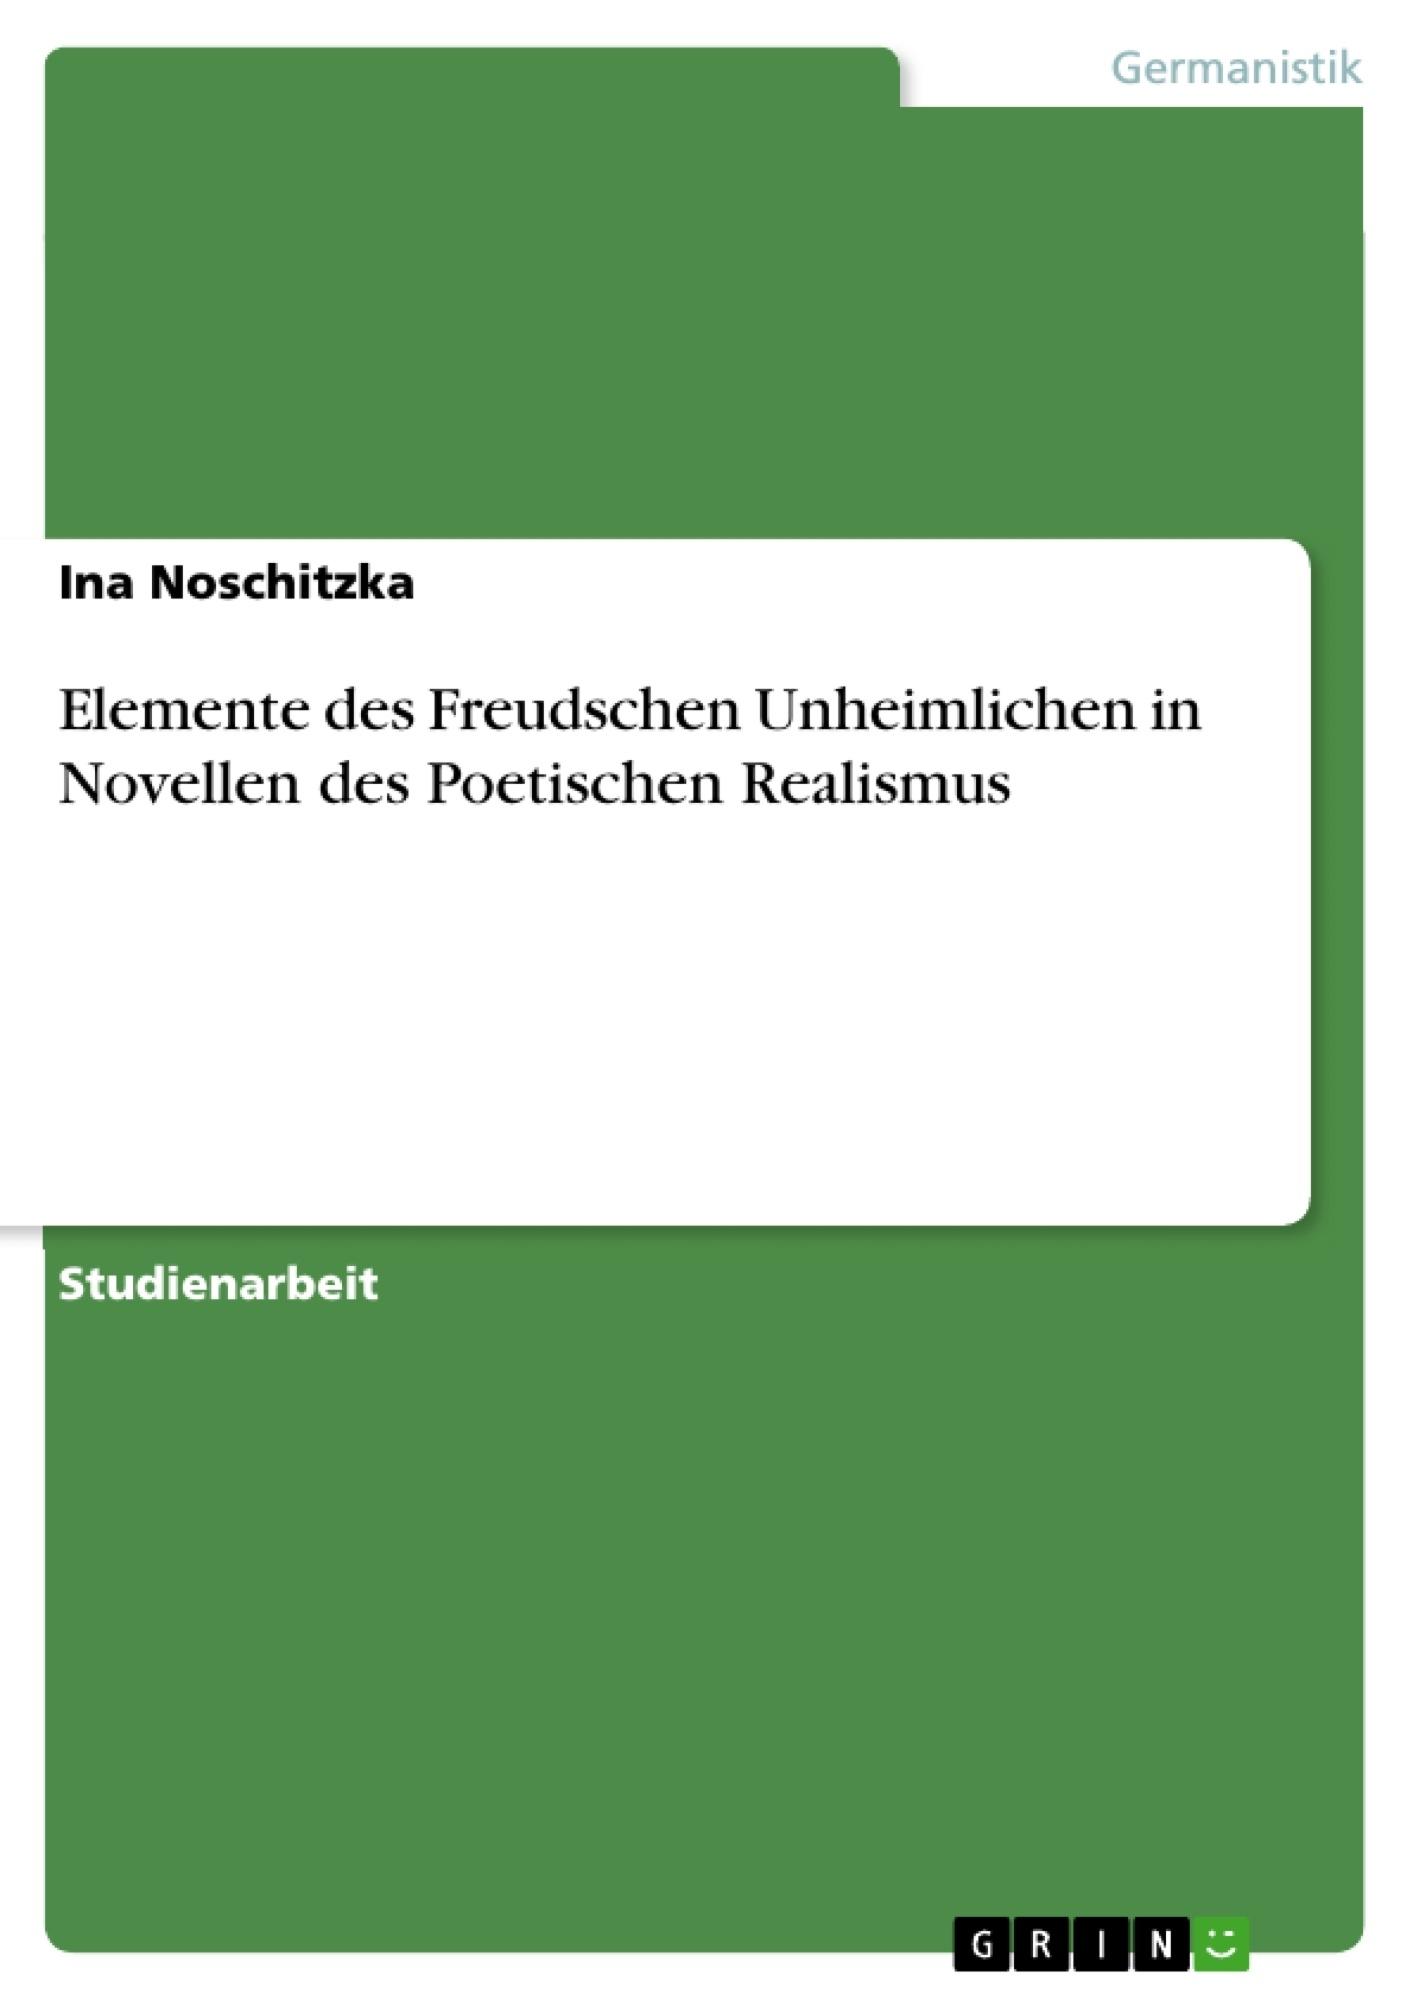 Titel: Elemente des Freudschen Unheimlichen in Novellen des Poetischen Realismus